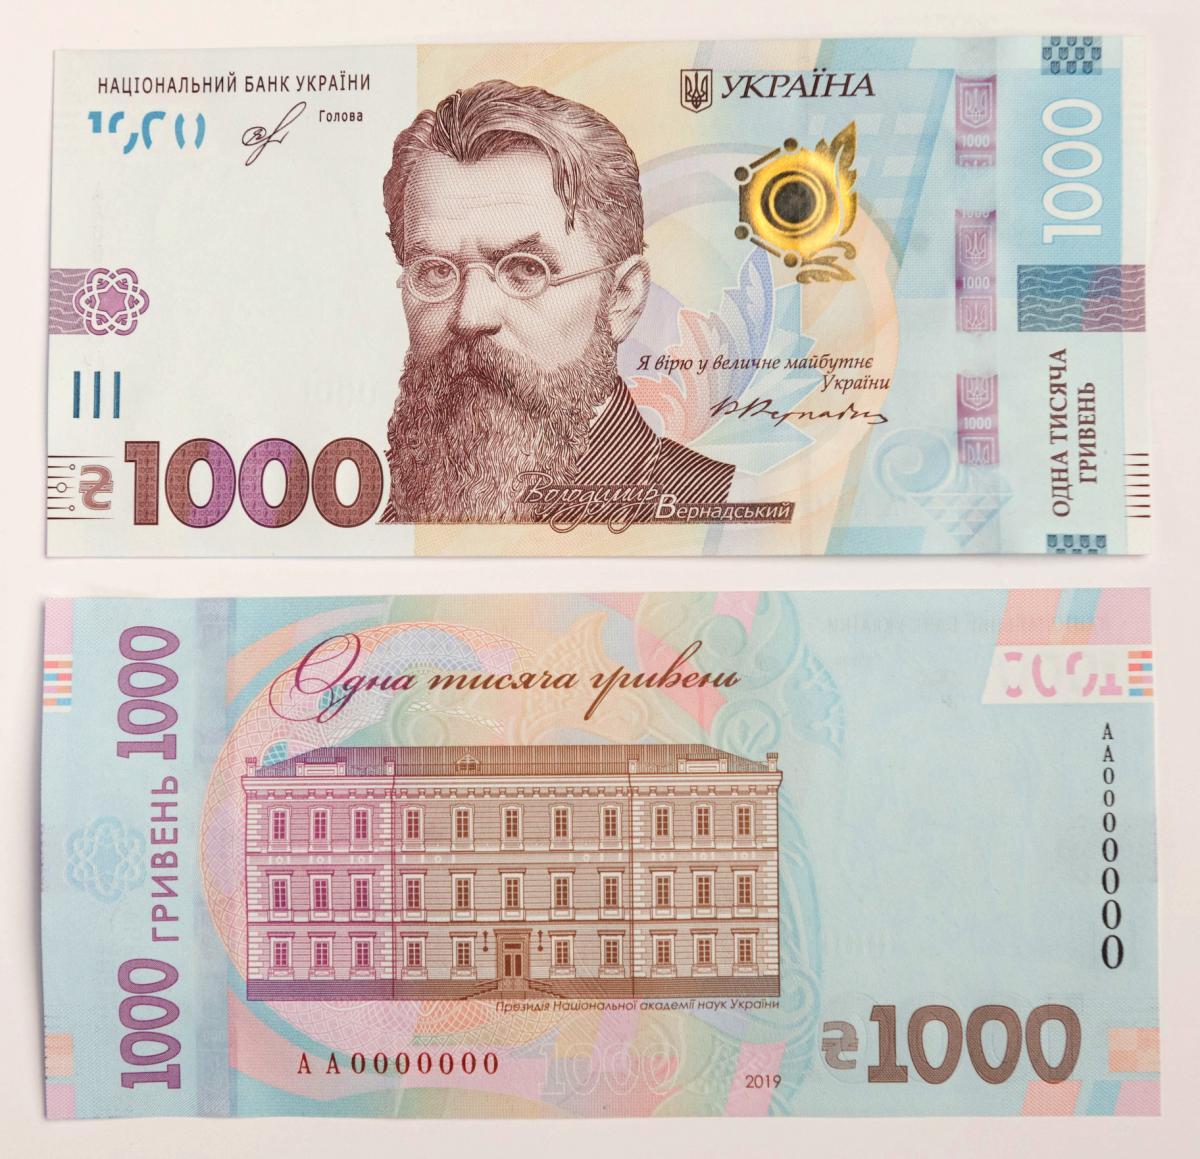 В Украине вводят новую банкноту в 1 тысячу гривен